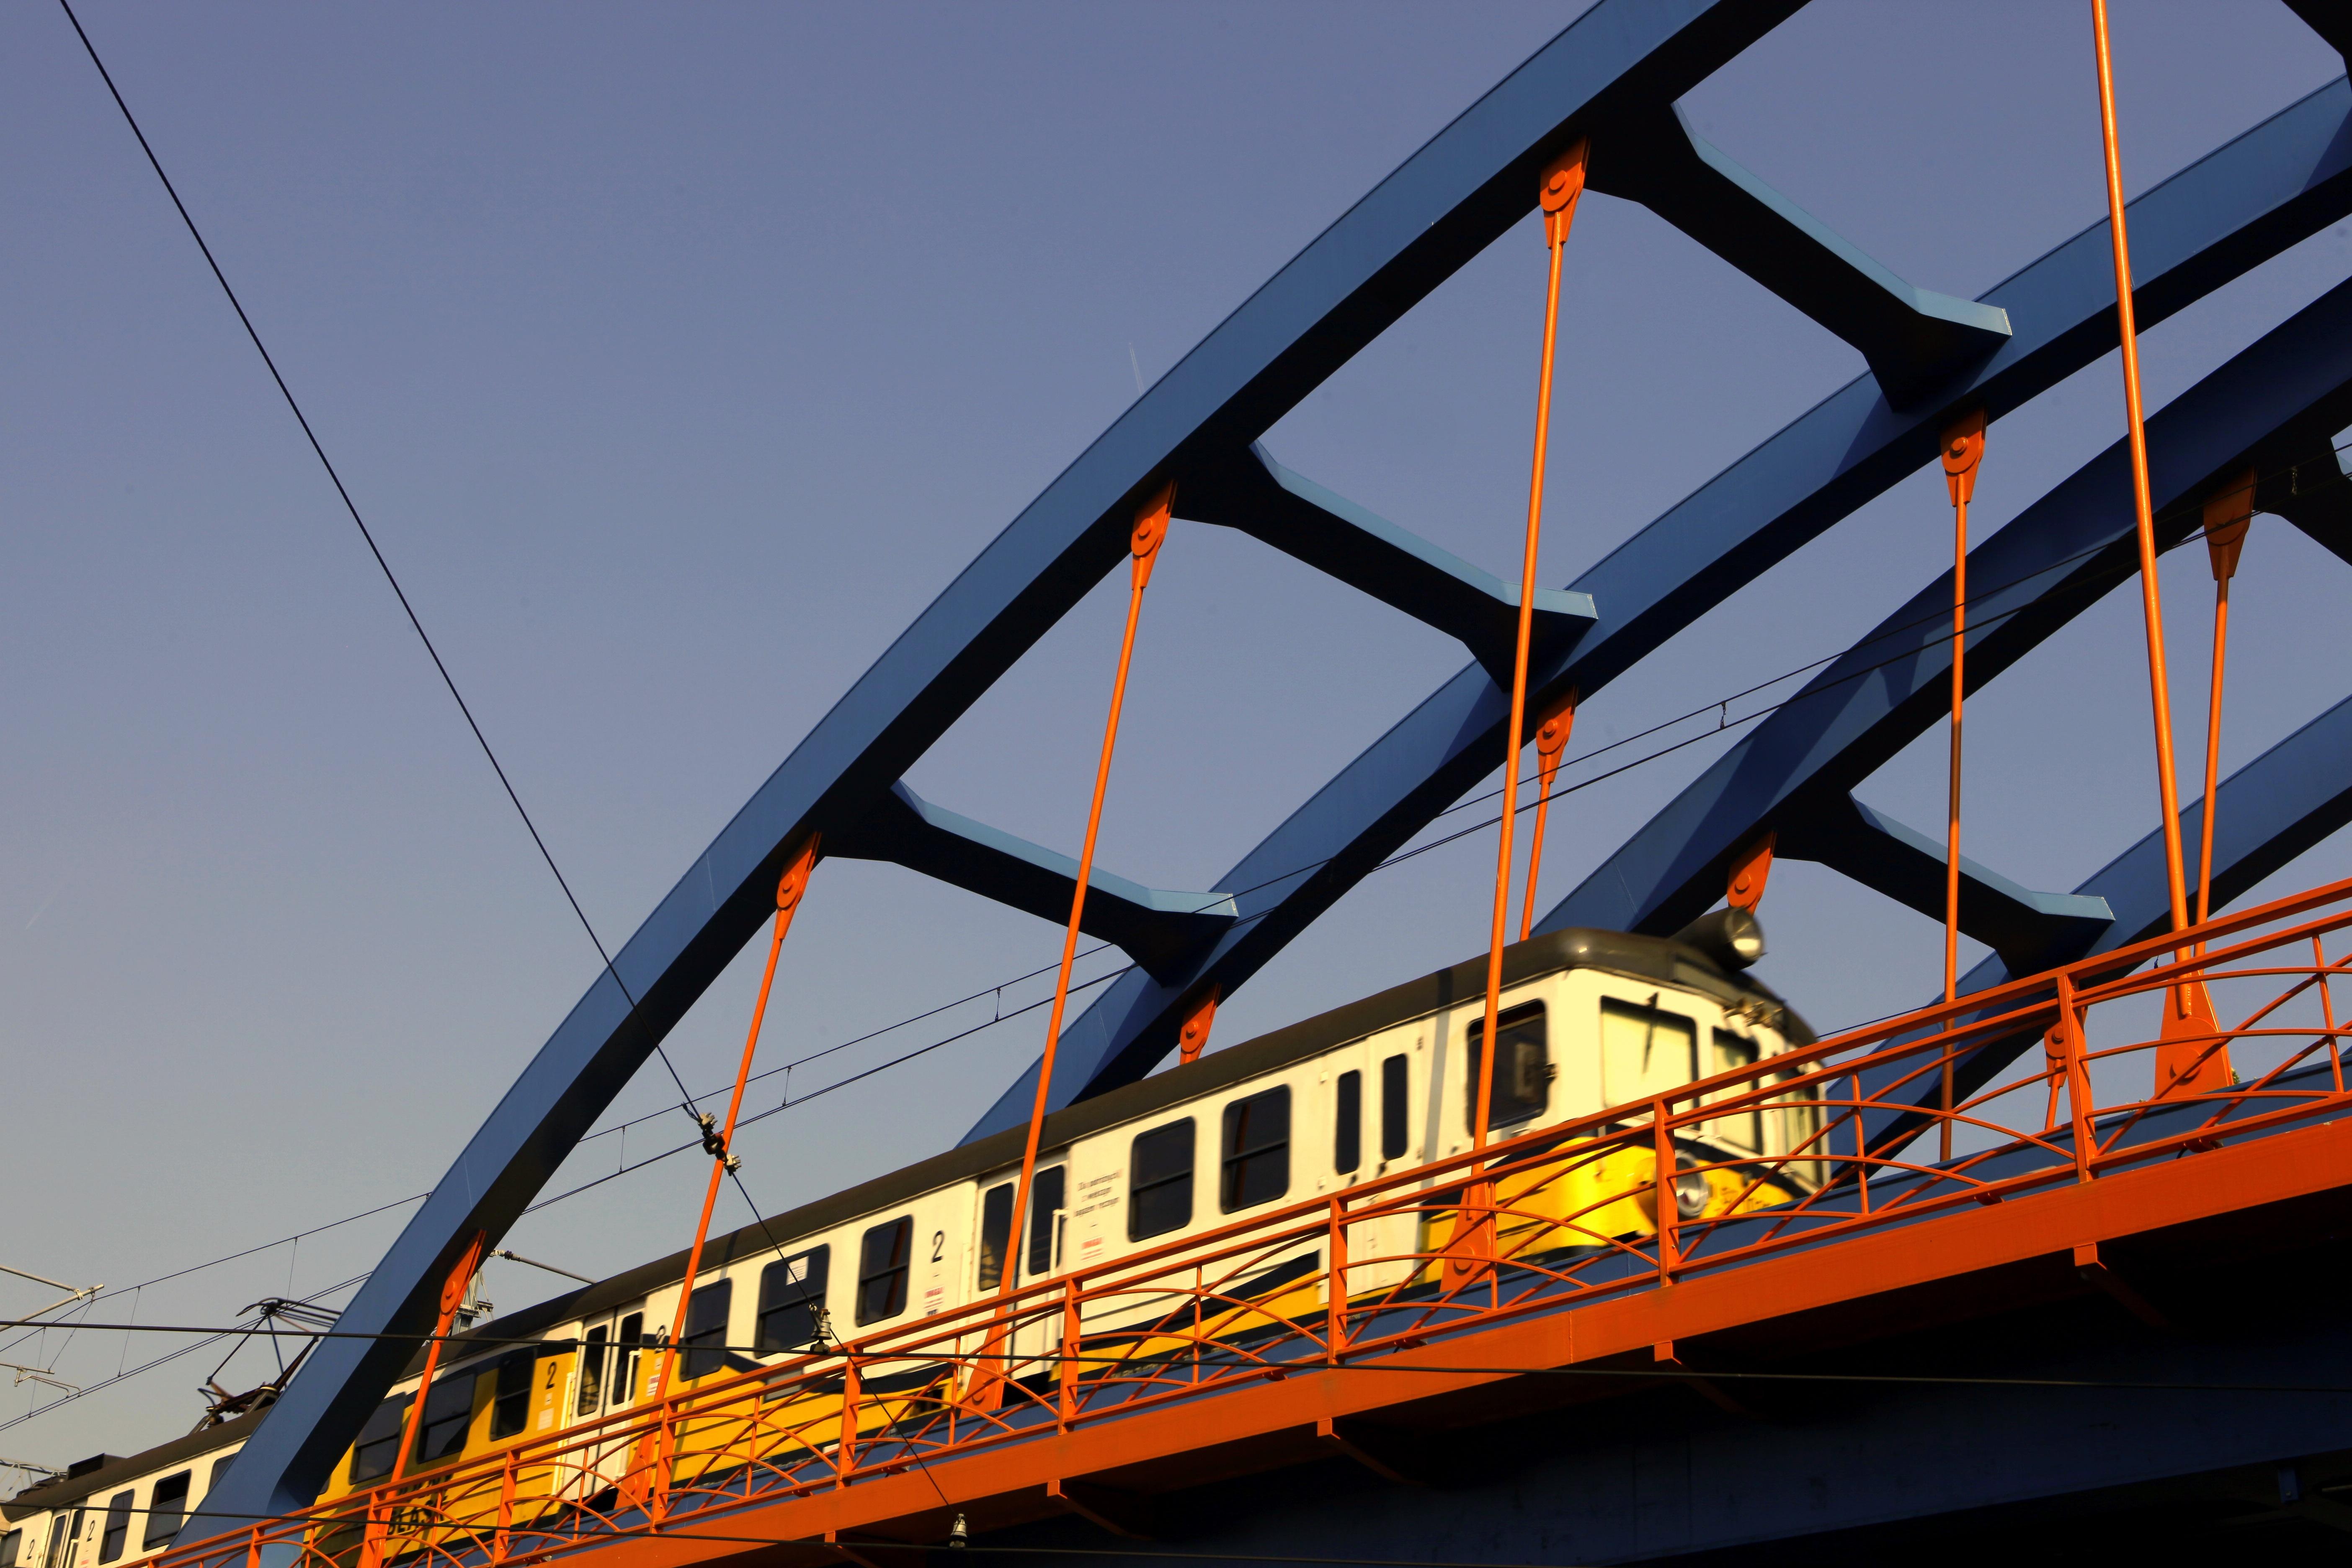 banco de imagens arquitetura estrutura pista estrada de ferro